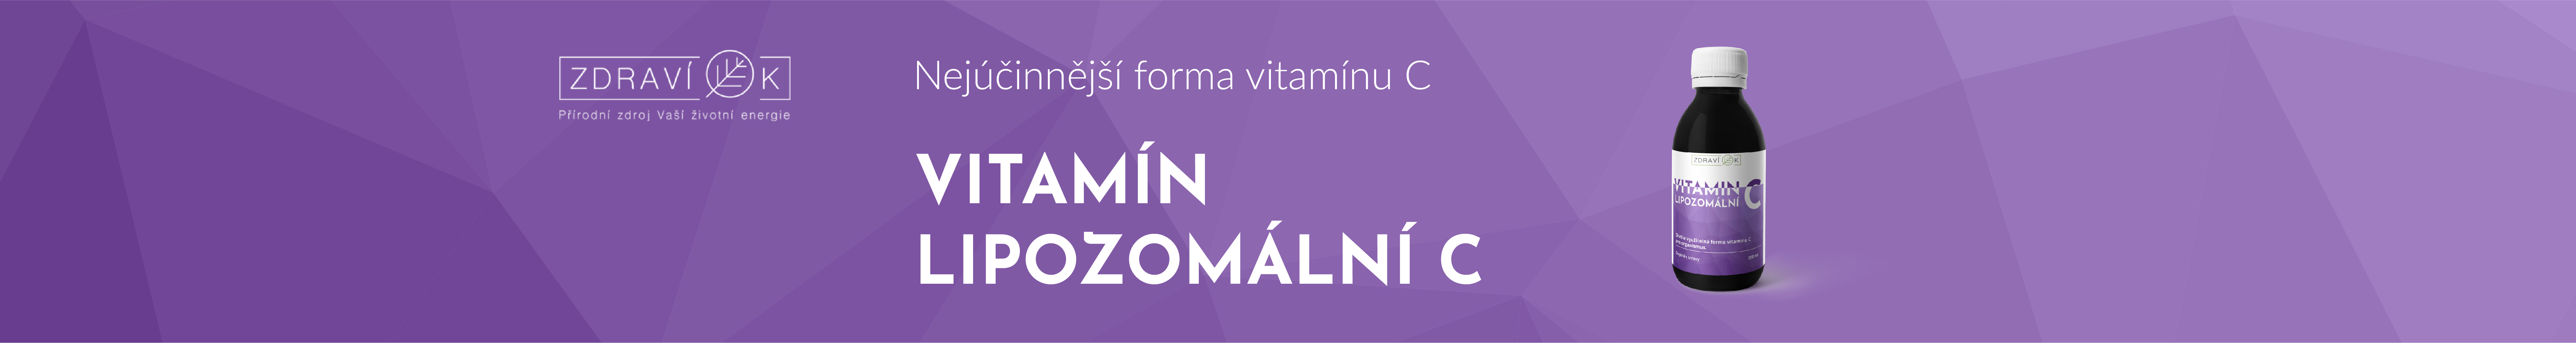 lipozomální-vitamin-c